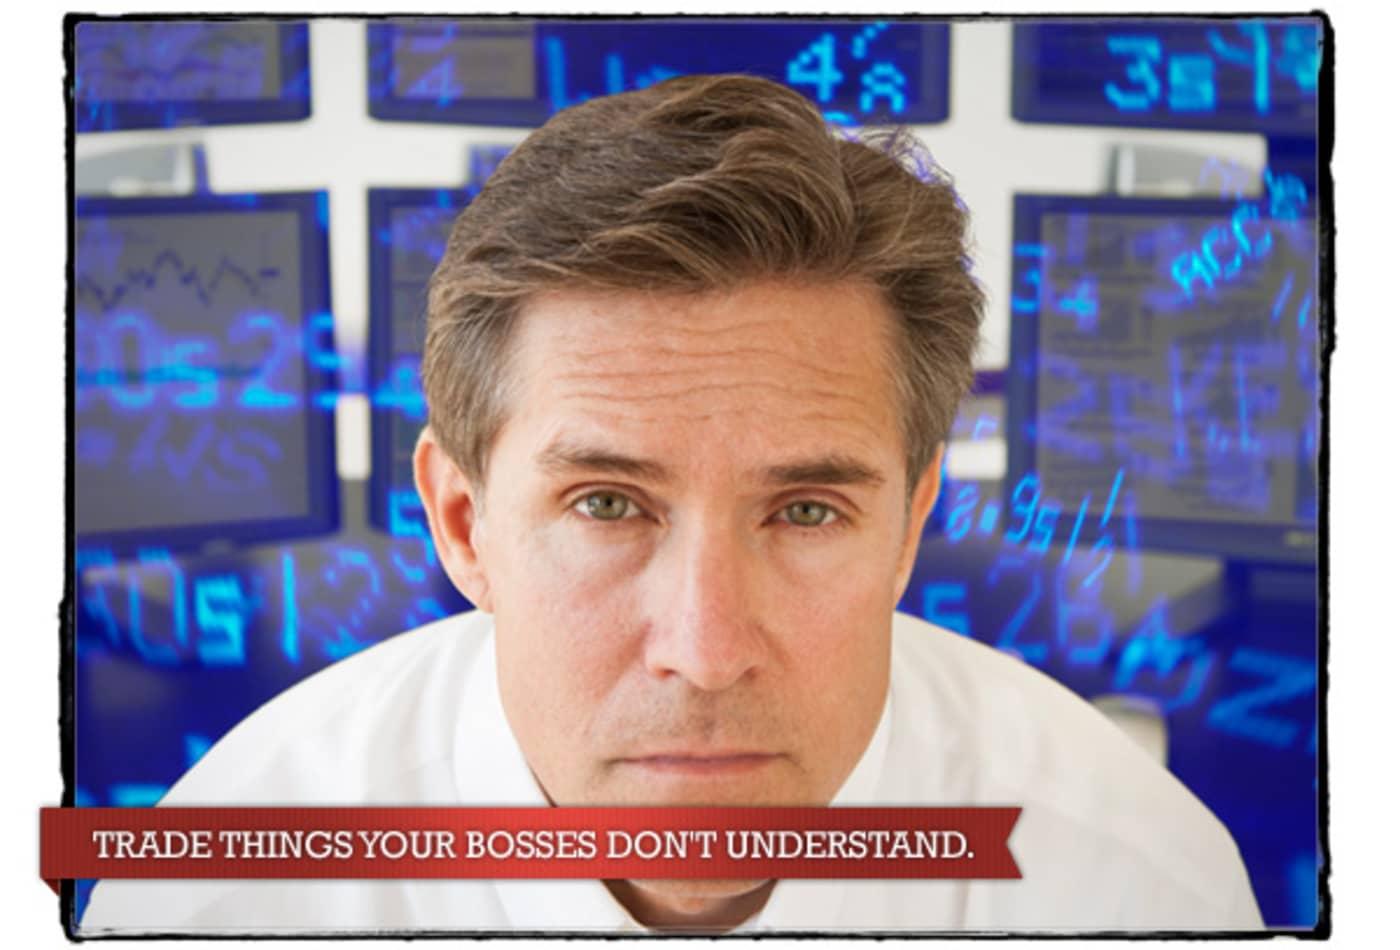 CNBC_rogue_trading_2boss_v2.jpg